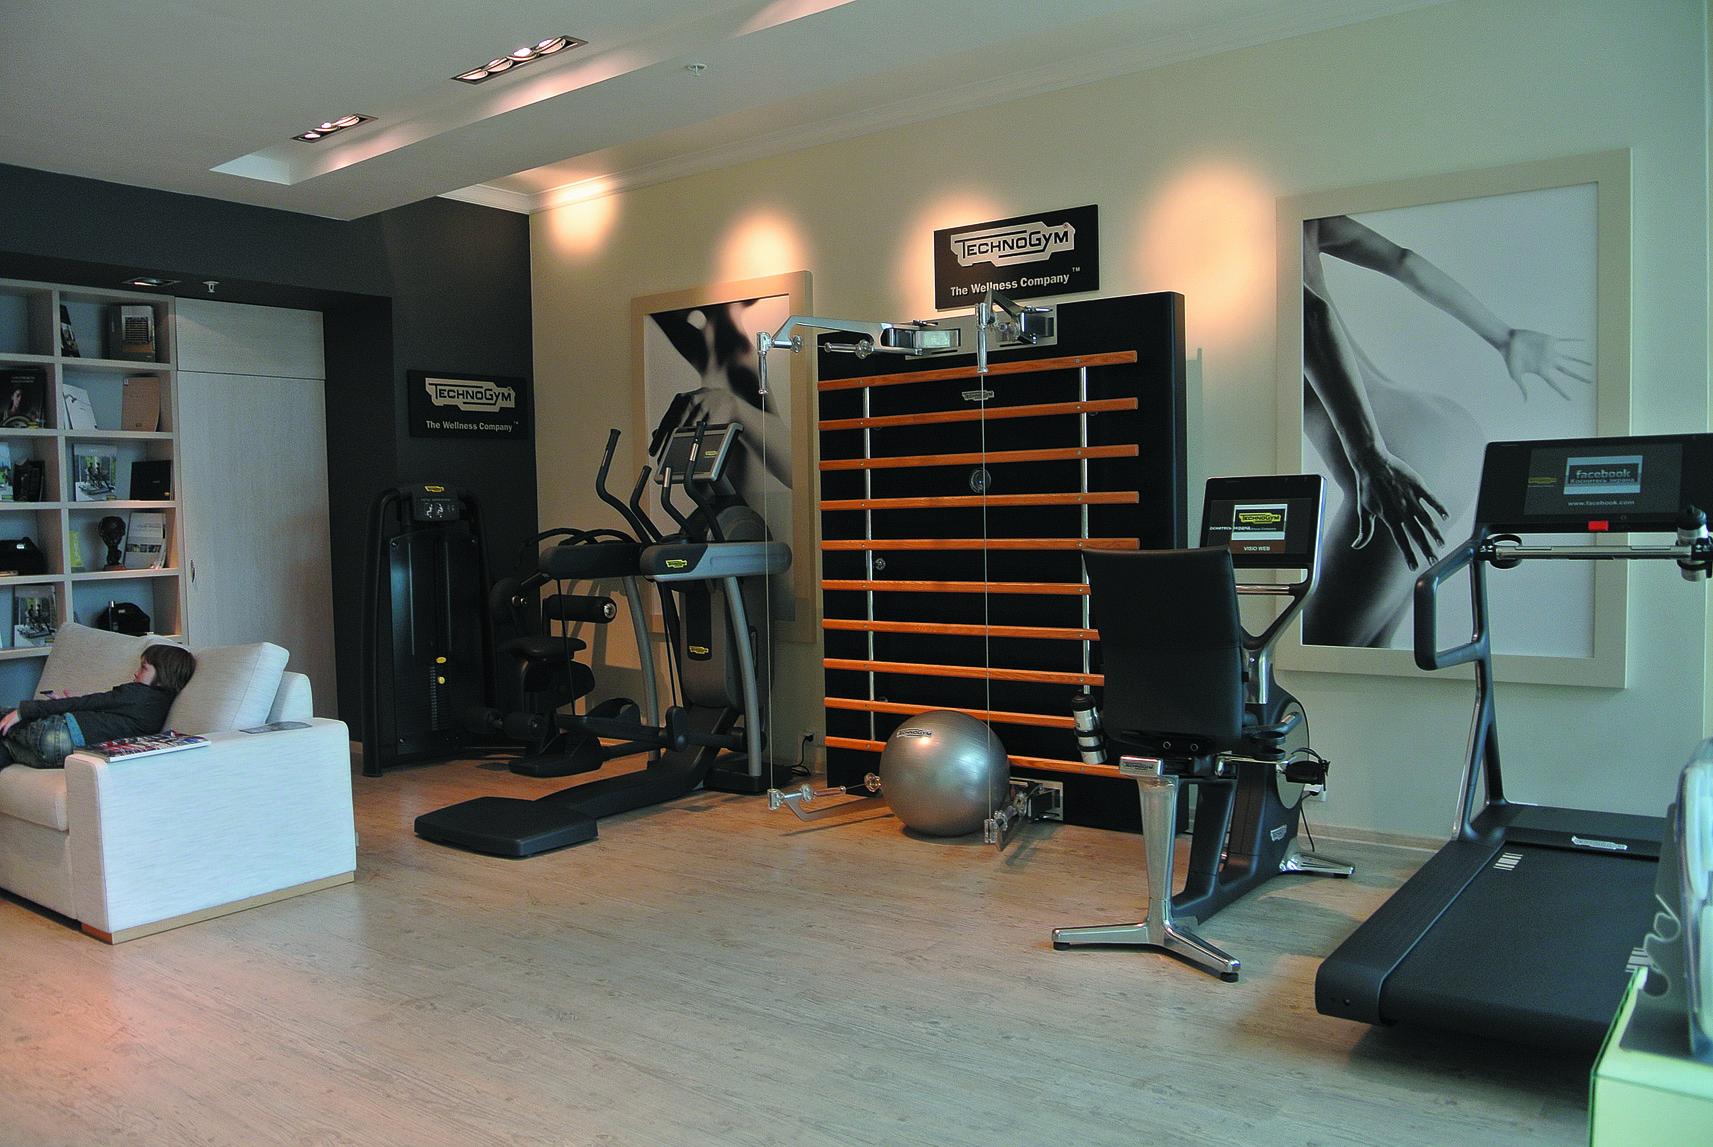 Освещение Verbatim в спорт-бутике класса люкс Technogym в ТРК Барвиха Luxury Village